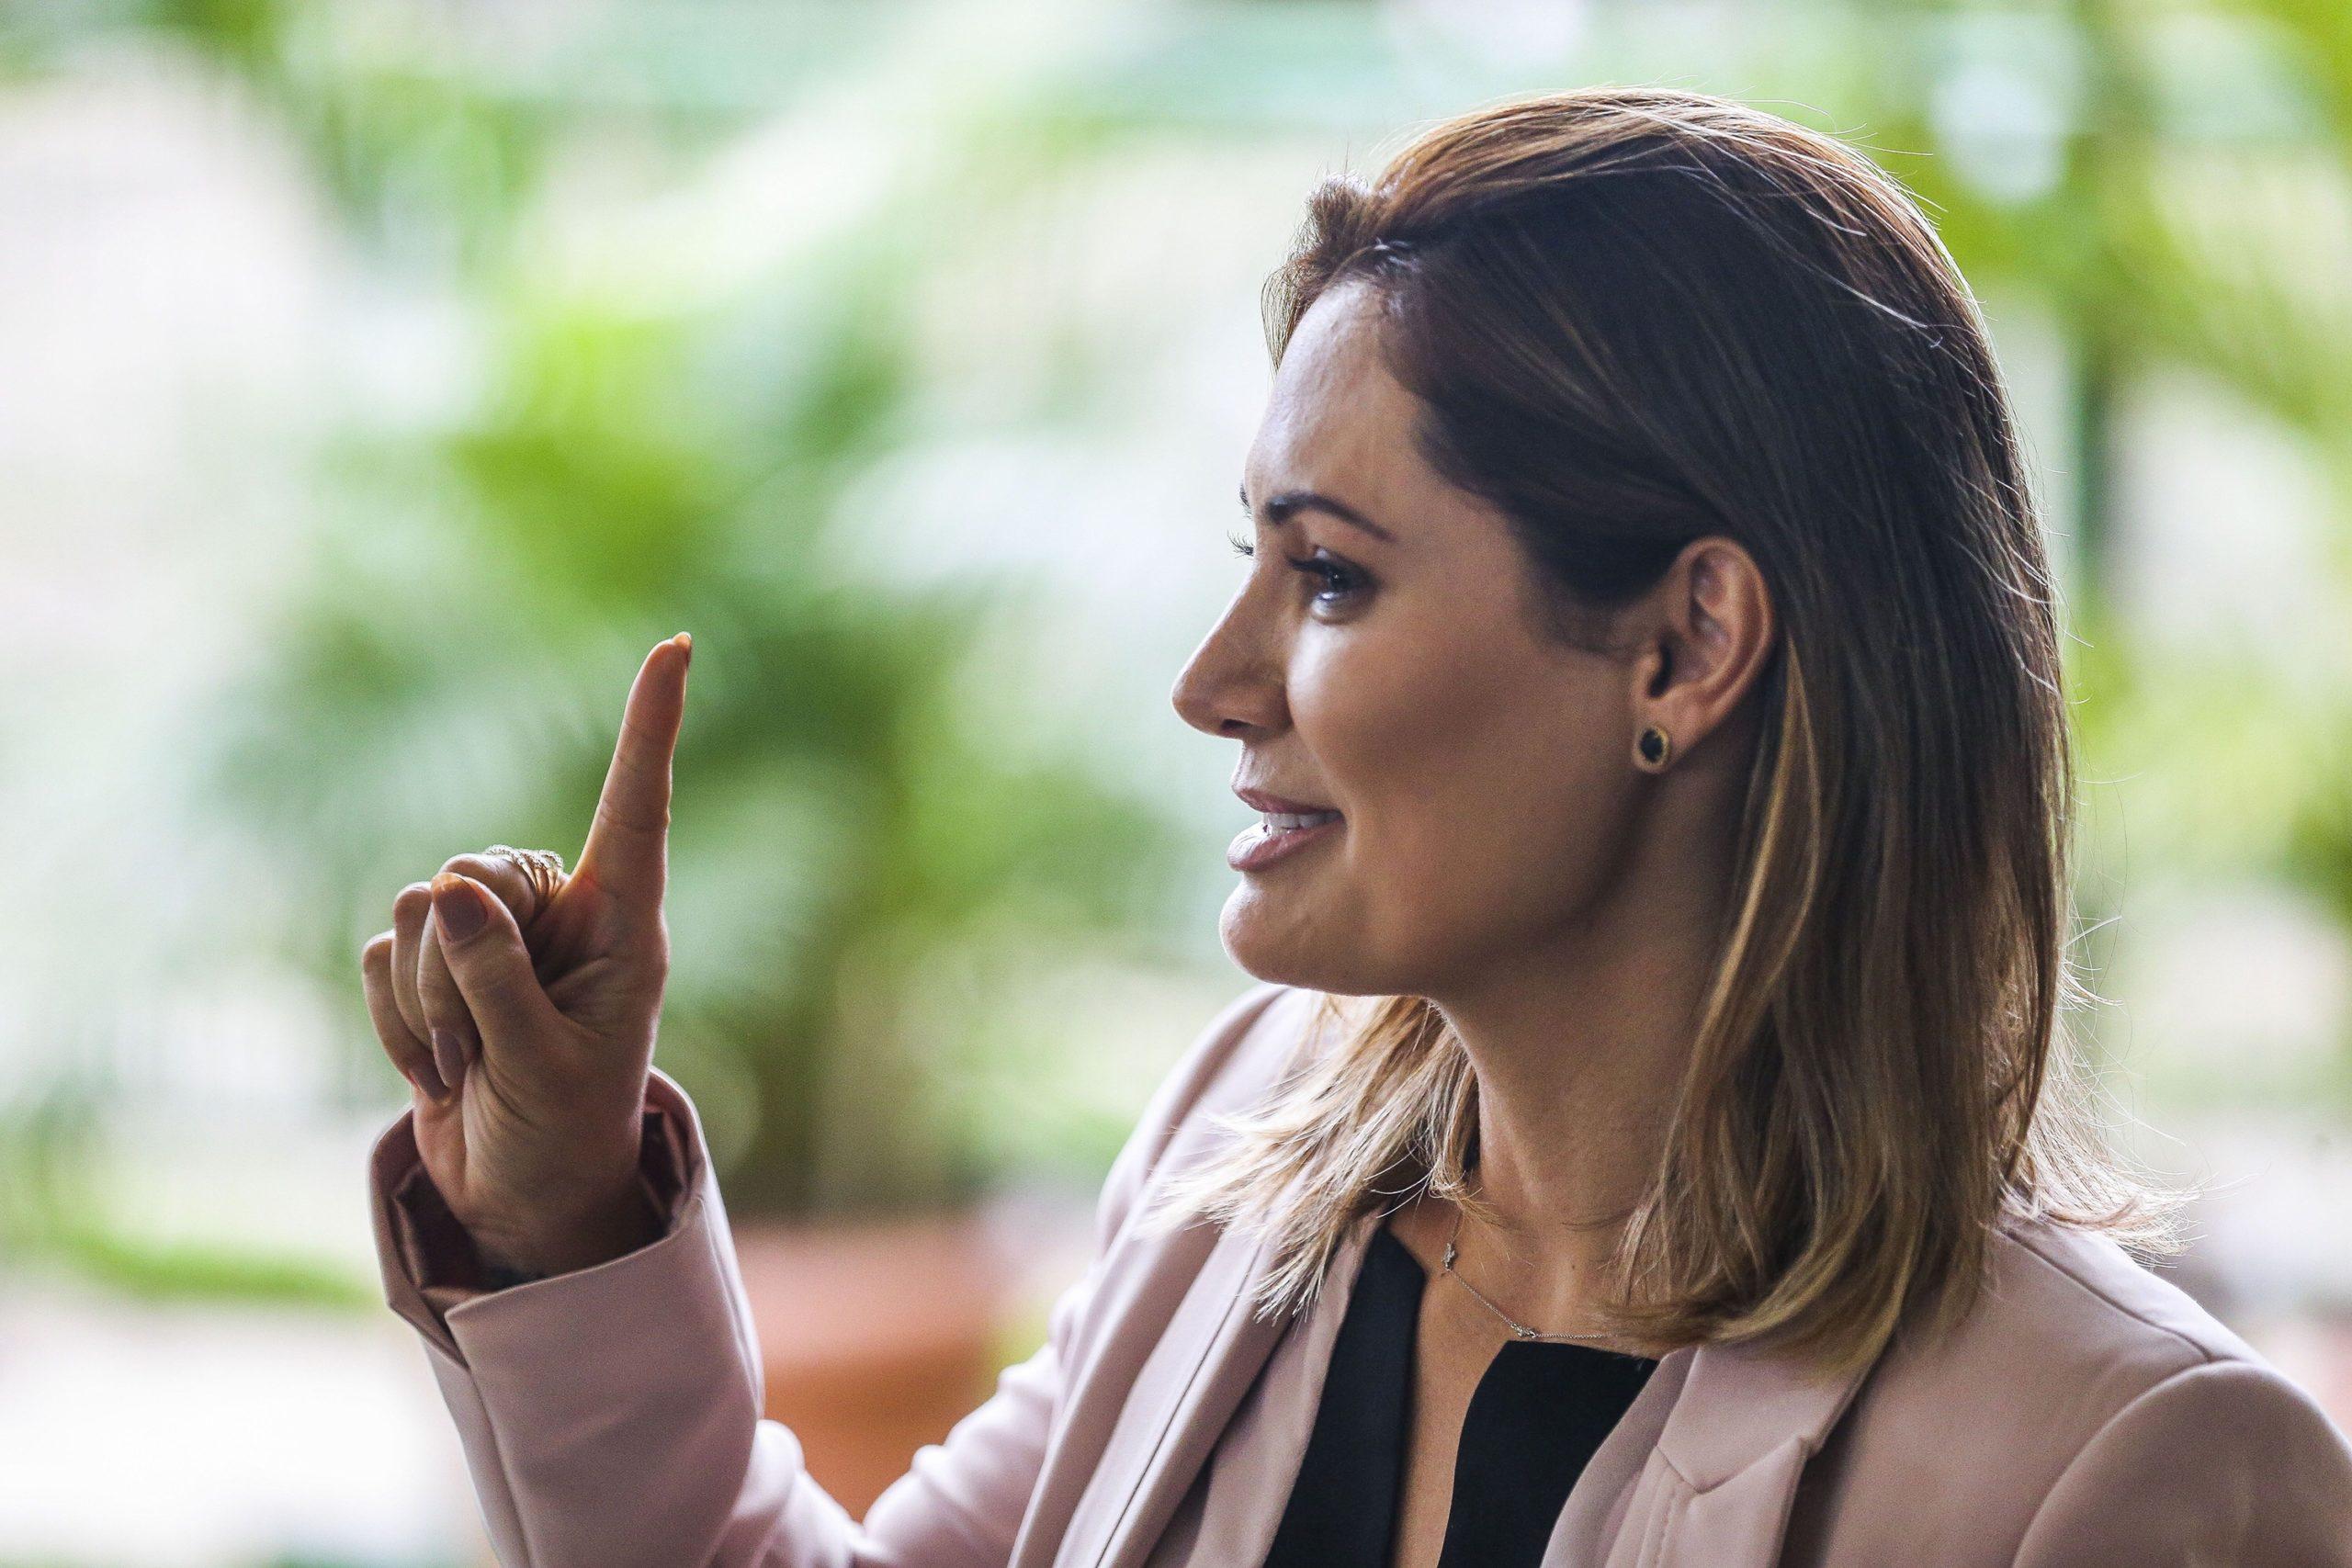 Relatório do Coaf aponta que Michelle Bolsonaro recebeu R$ 24 mil de ex-assessor de Flávio Bolsonaro